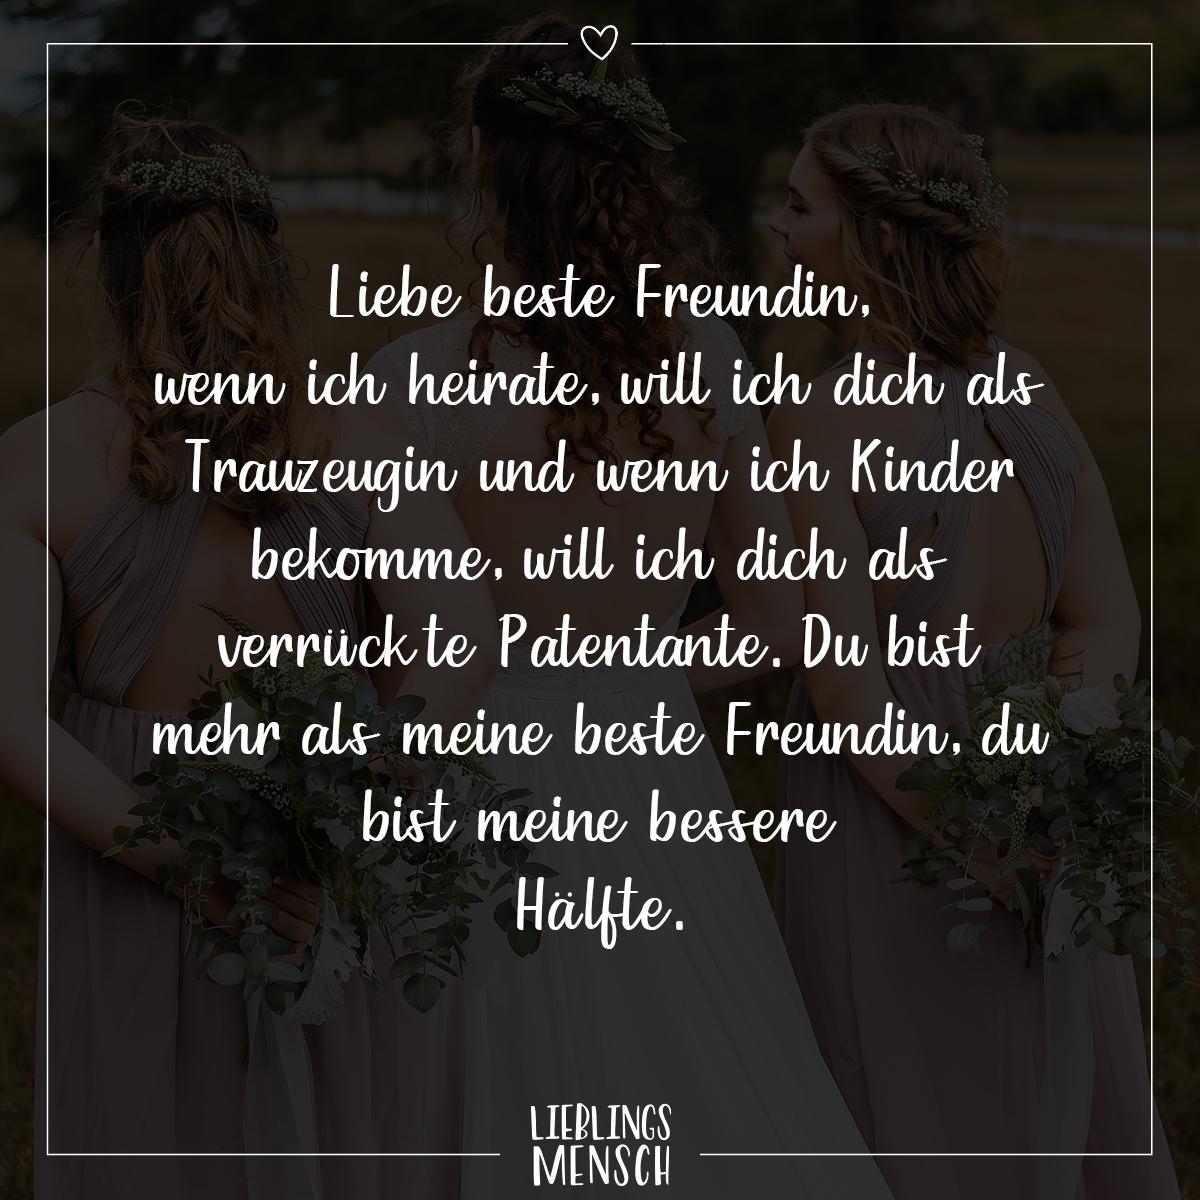 spruch liebe beste freundin - VISUAL STATEMENTS®